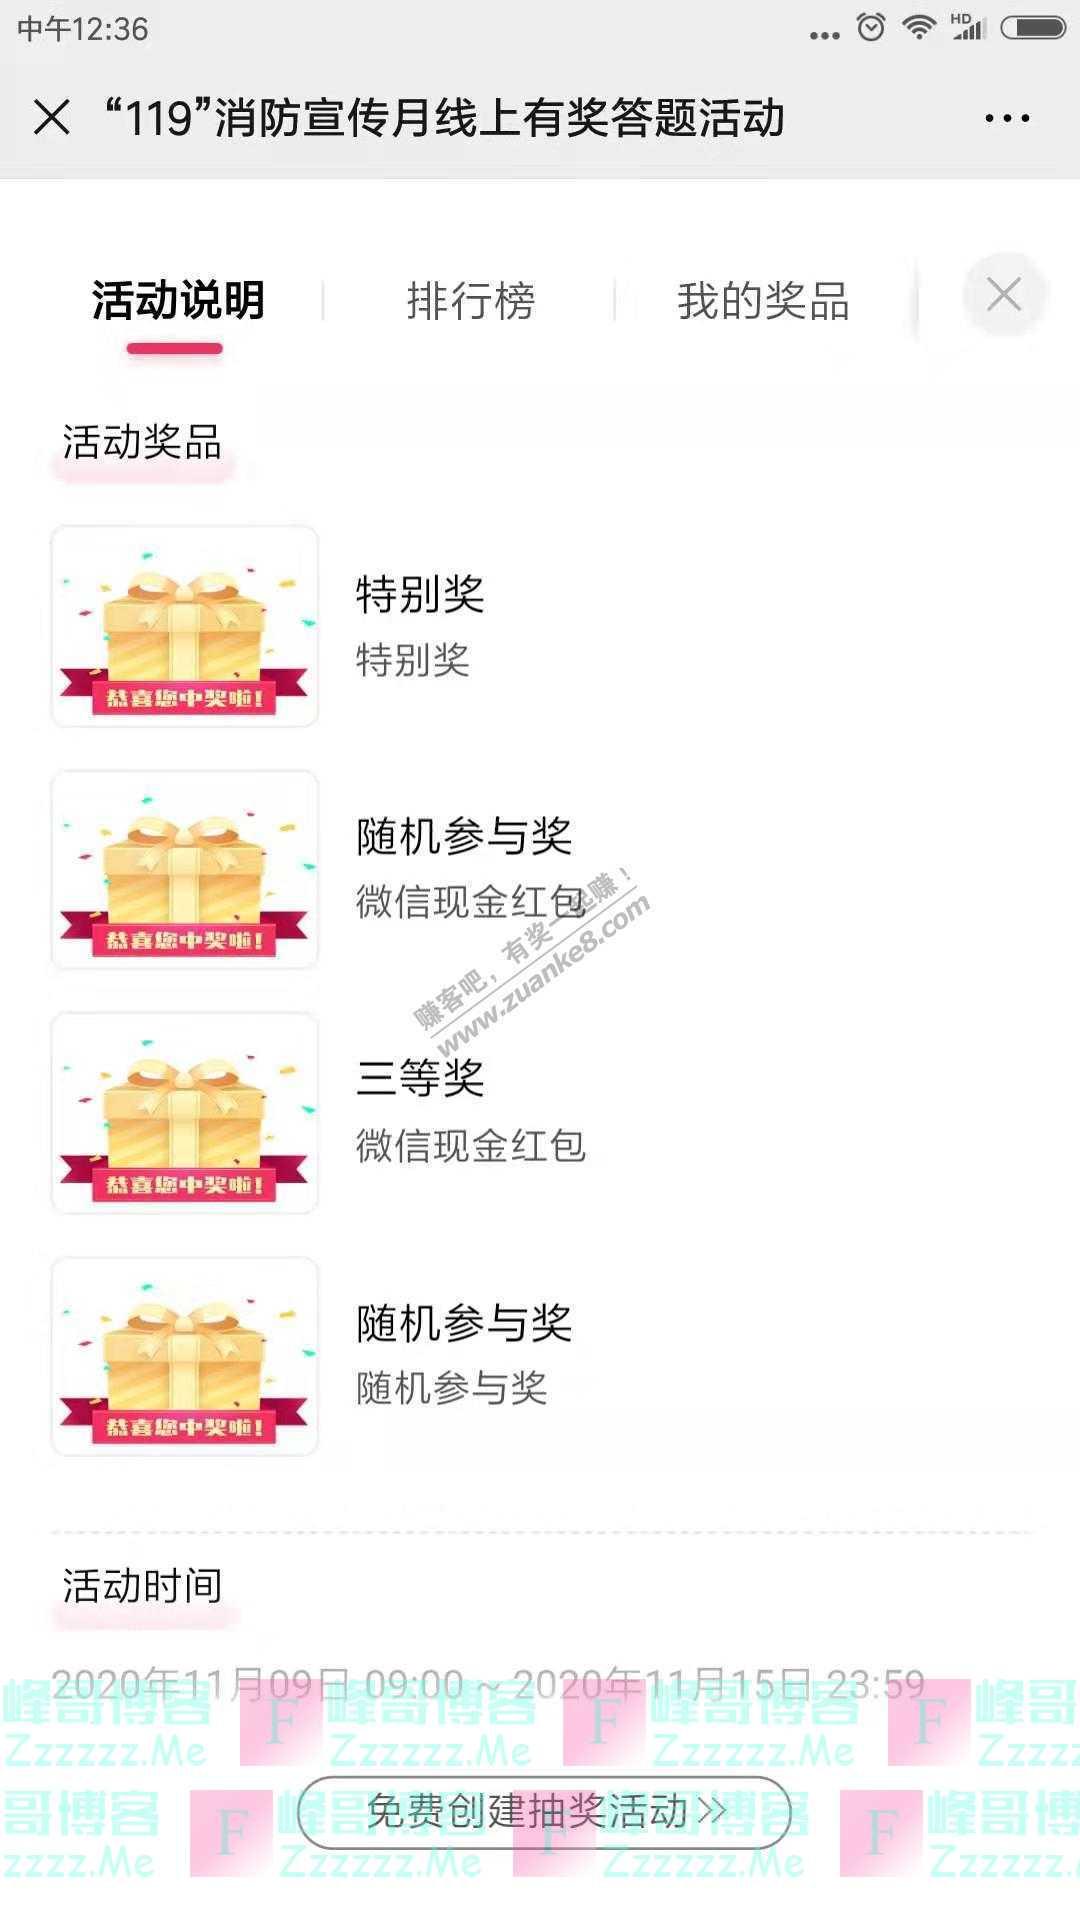 """观音桥微发布观音桥街道""""119""""消防宣传月,答题就能领红包(截止11月15日)"""